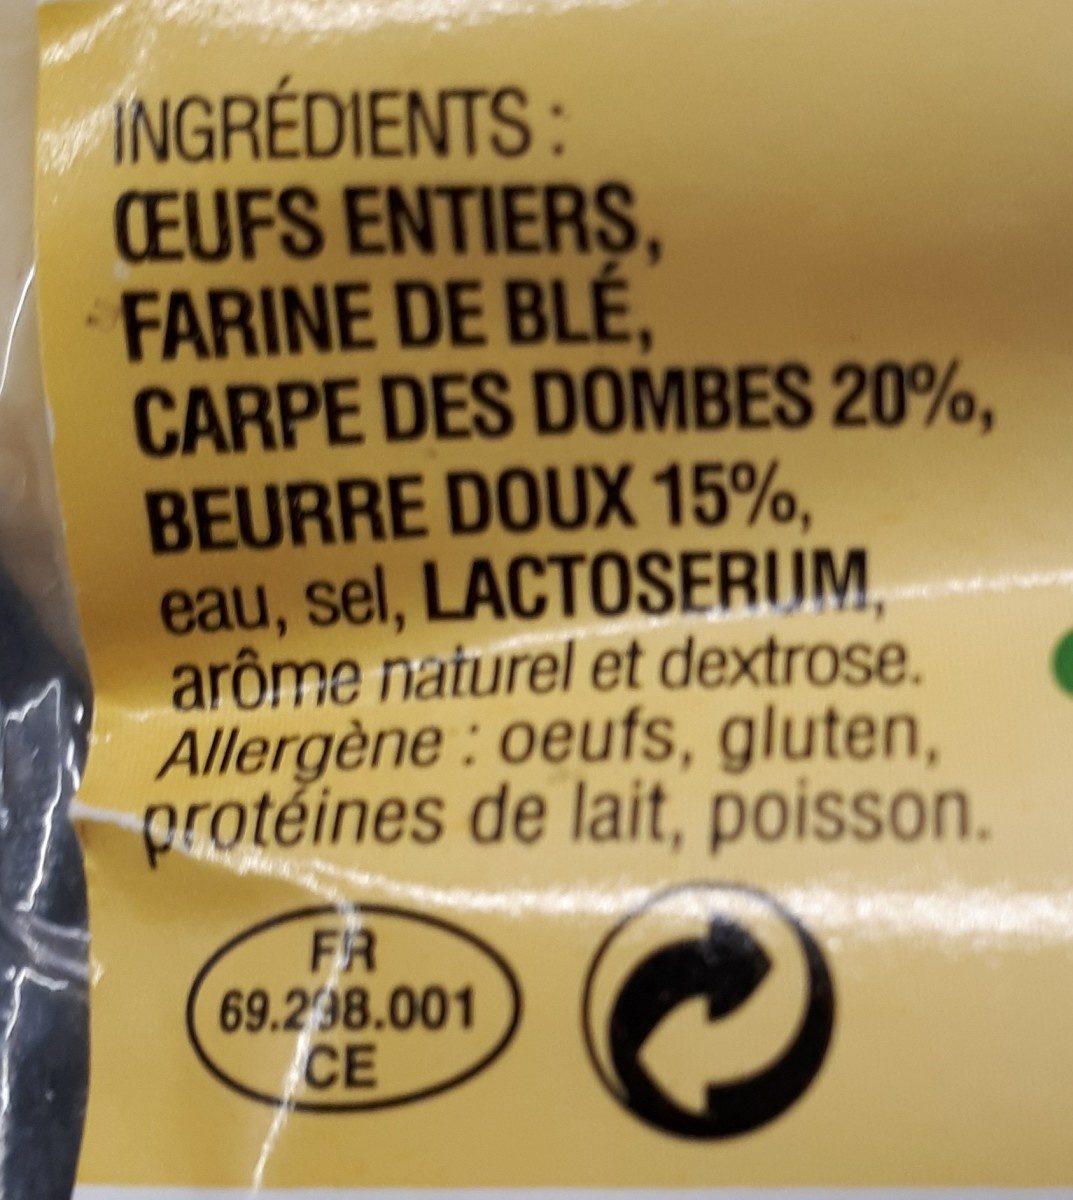 Quenelles de Carpe des Dombes 20% au beurre - Ingredients - fr